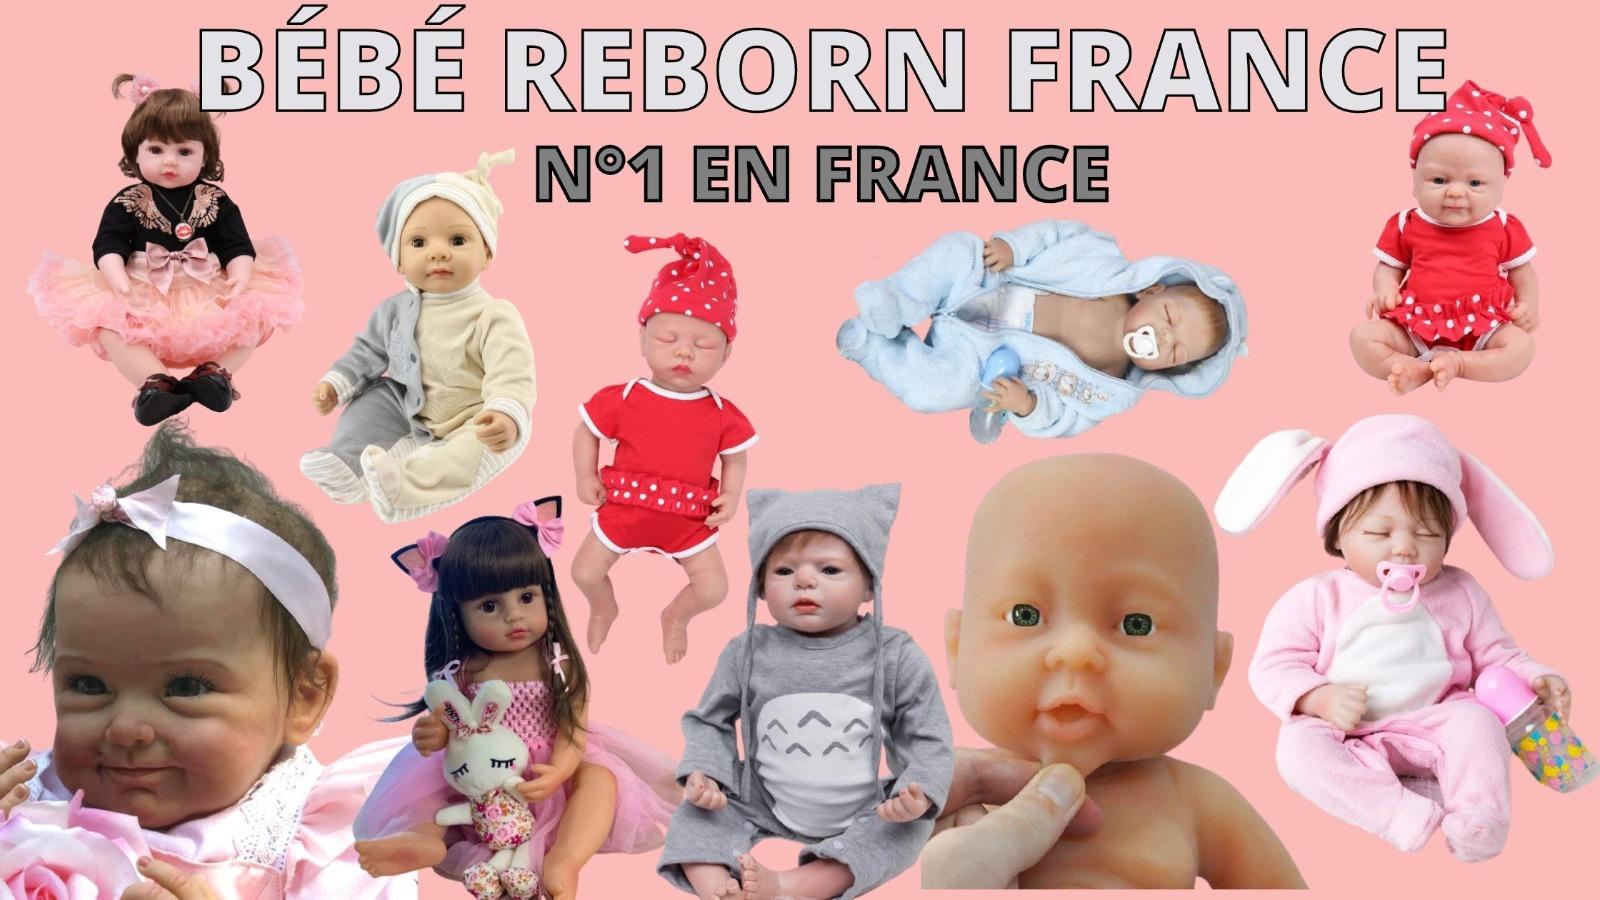 La boutique Bébé Reborn France propose un large choix de poupées.